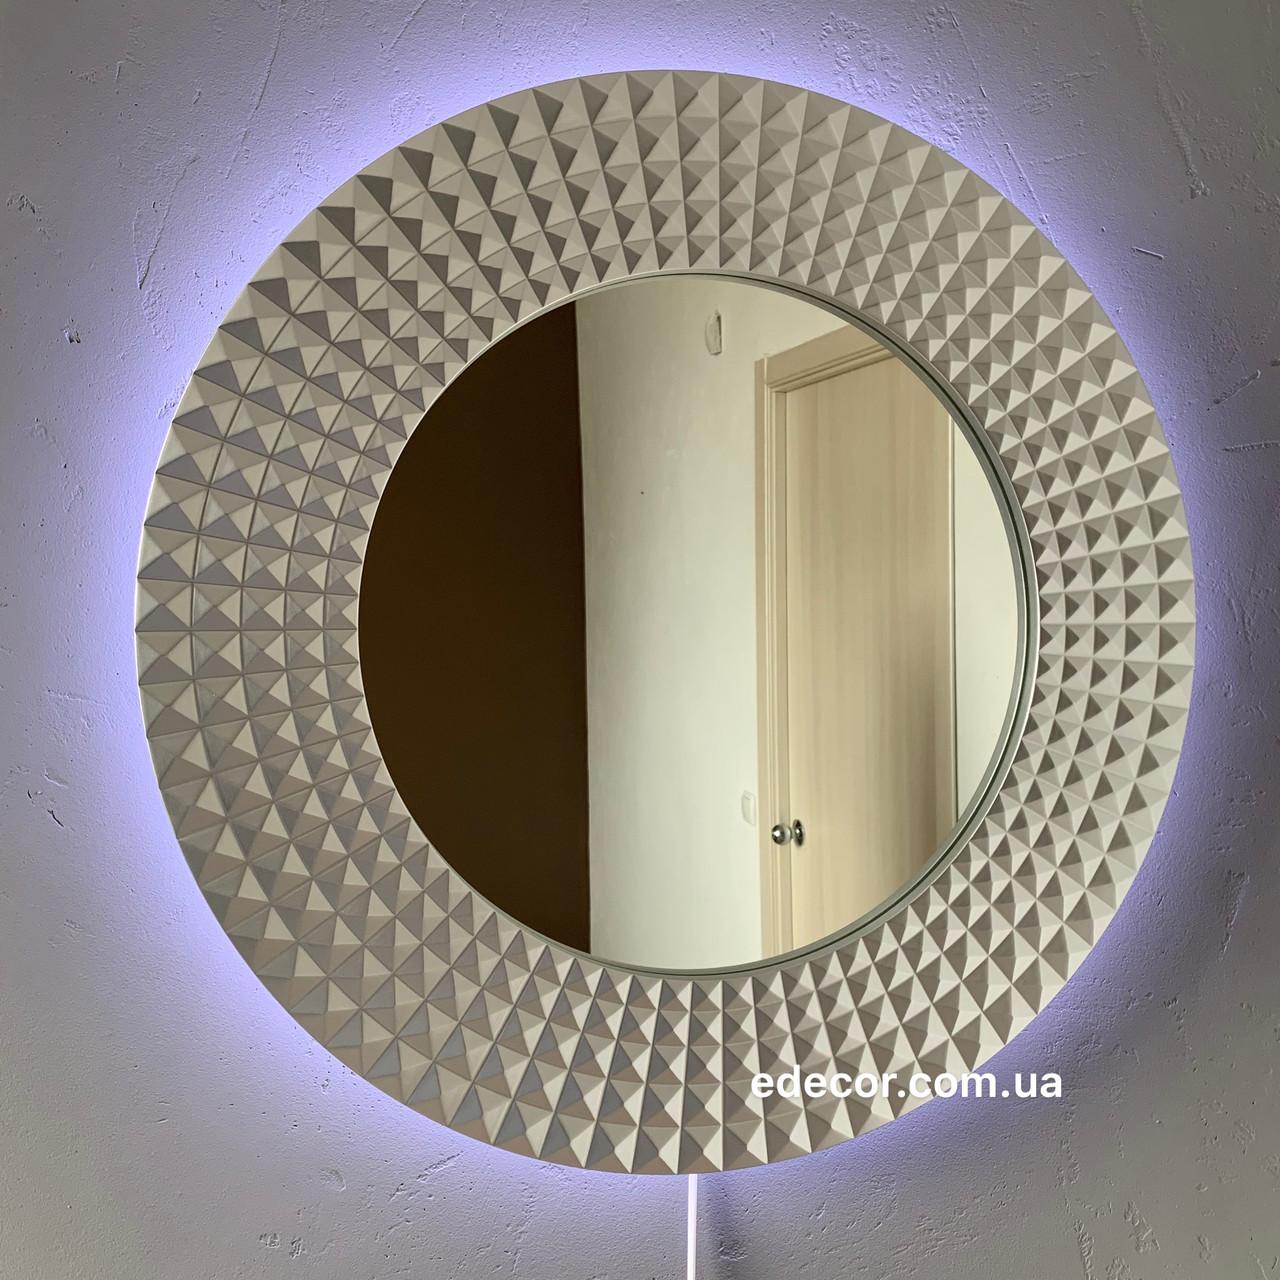 Зеркало круглое с LED подсветкой c обратной стороны в серебряной раме Madrid